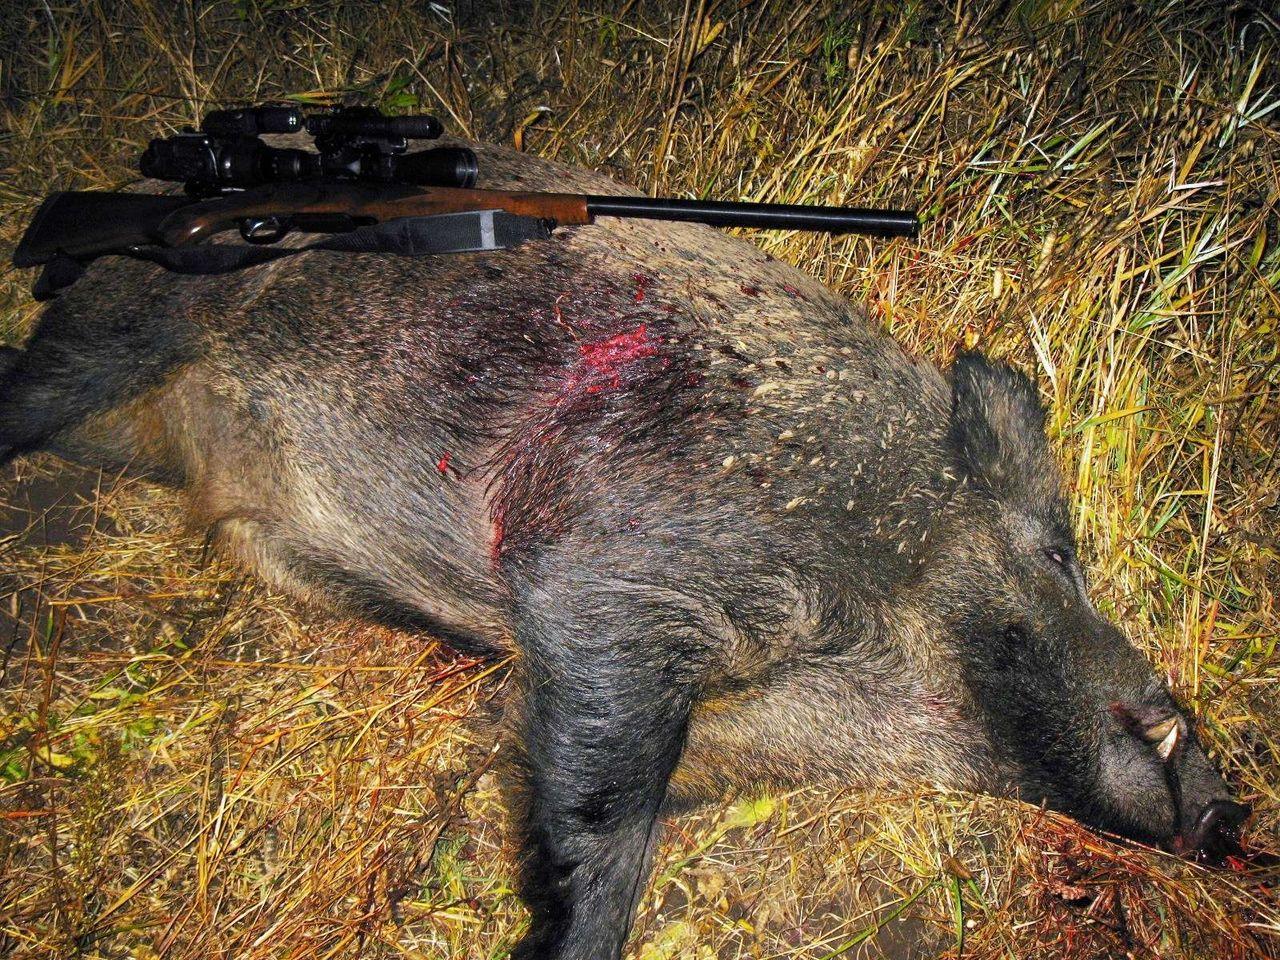 результаты можно форум охотников орловской области собственника, без комиссии